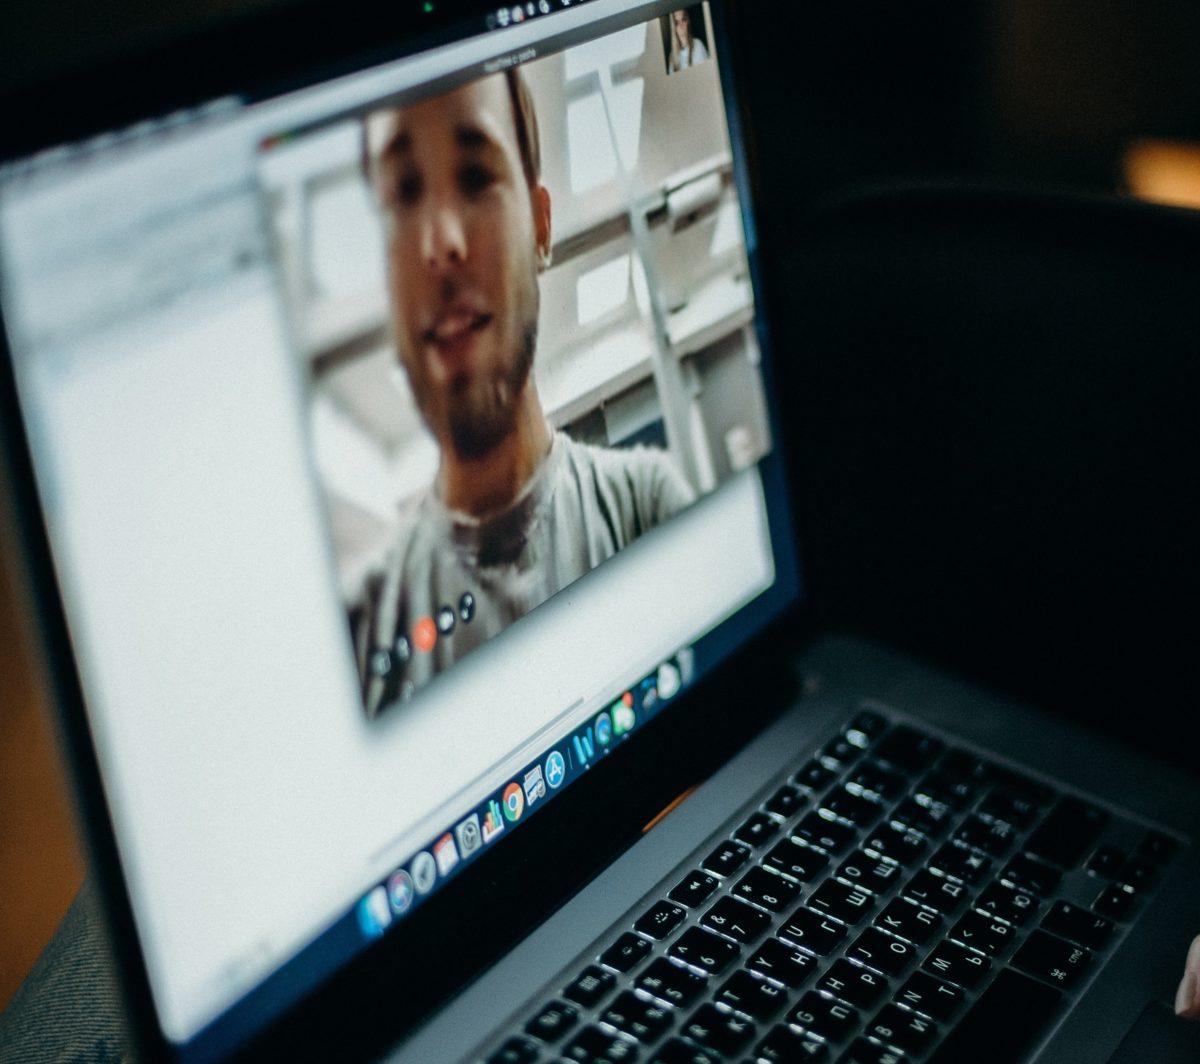 La visio conférence permet également de parler à nos amis par webcam